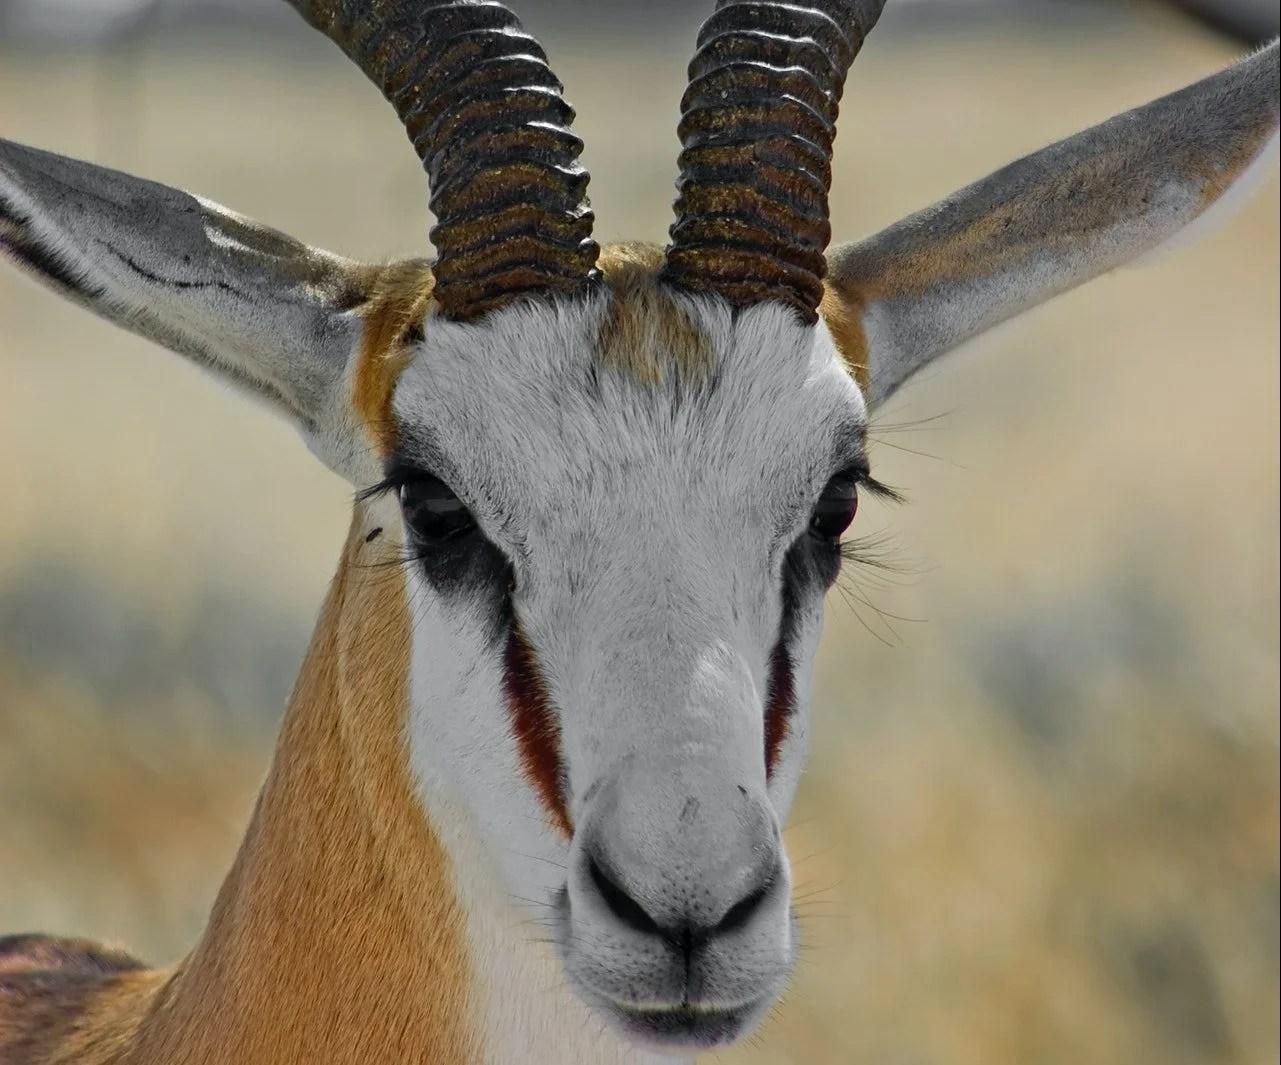 krugerrands springbok